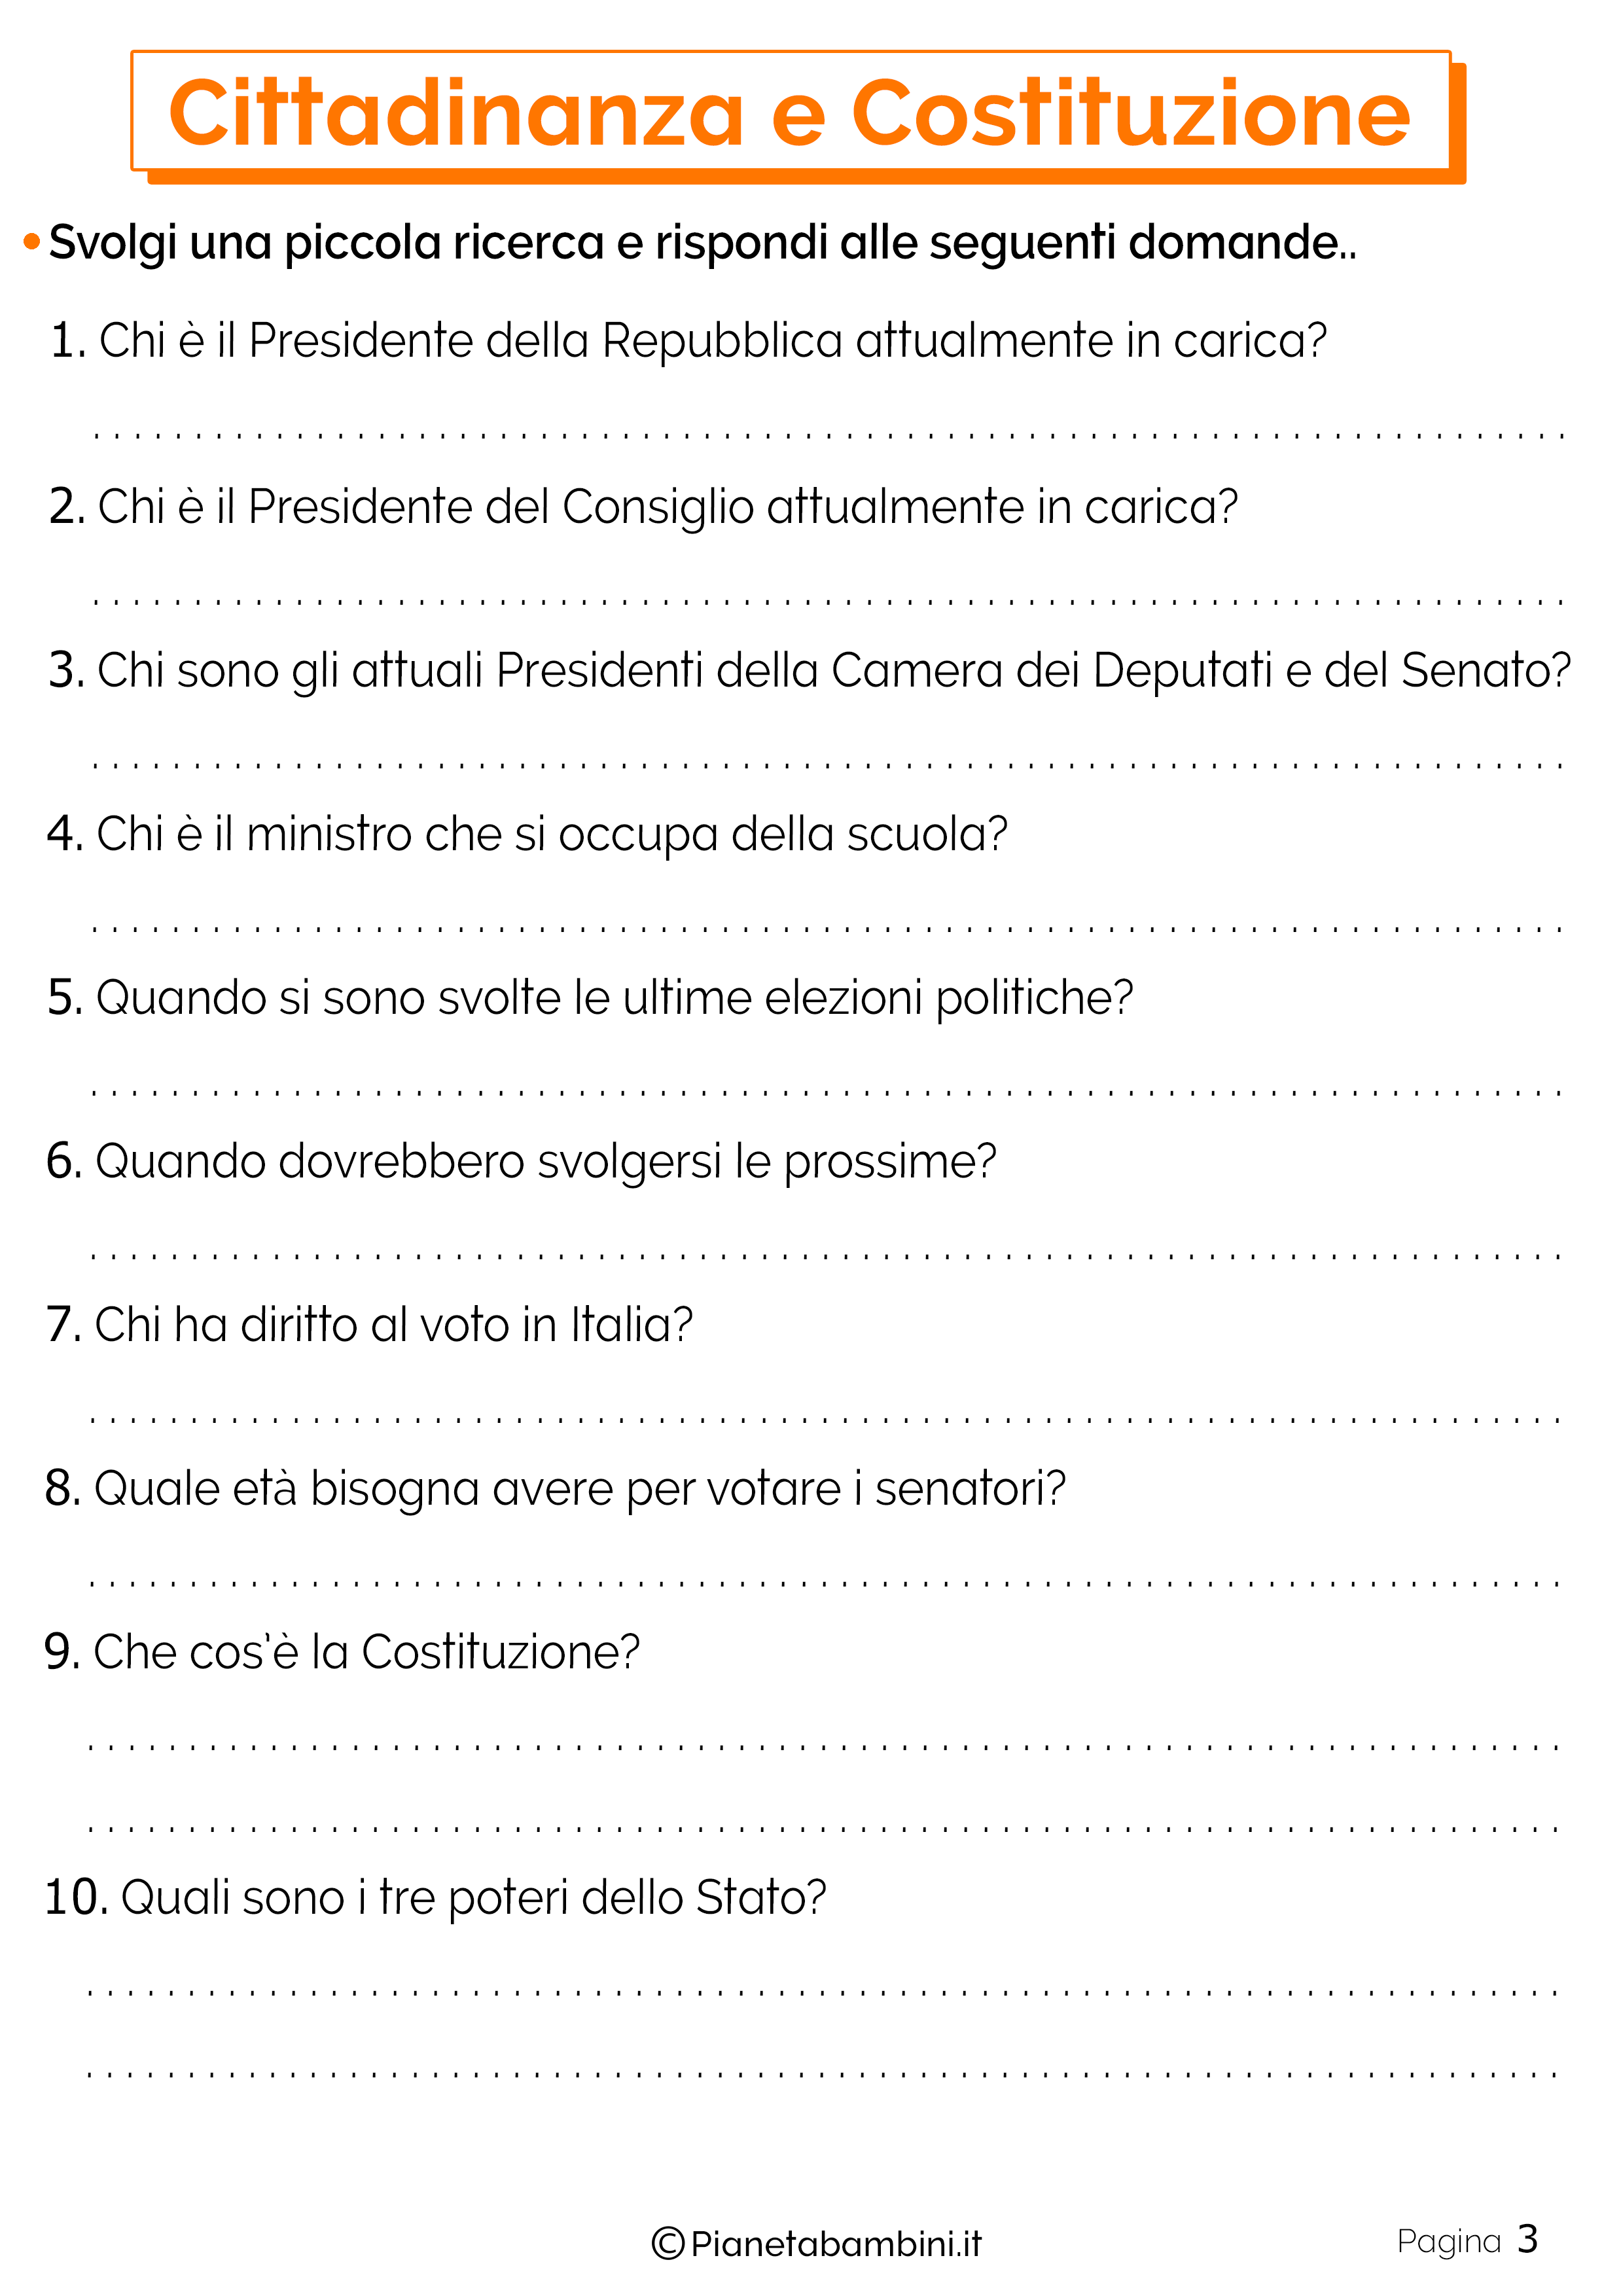 Esercizi su Cittadinanza e Costituzione 3